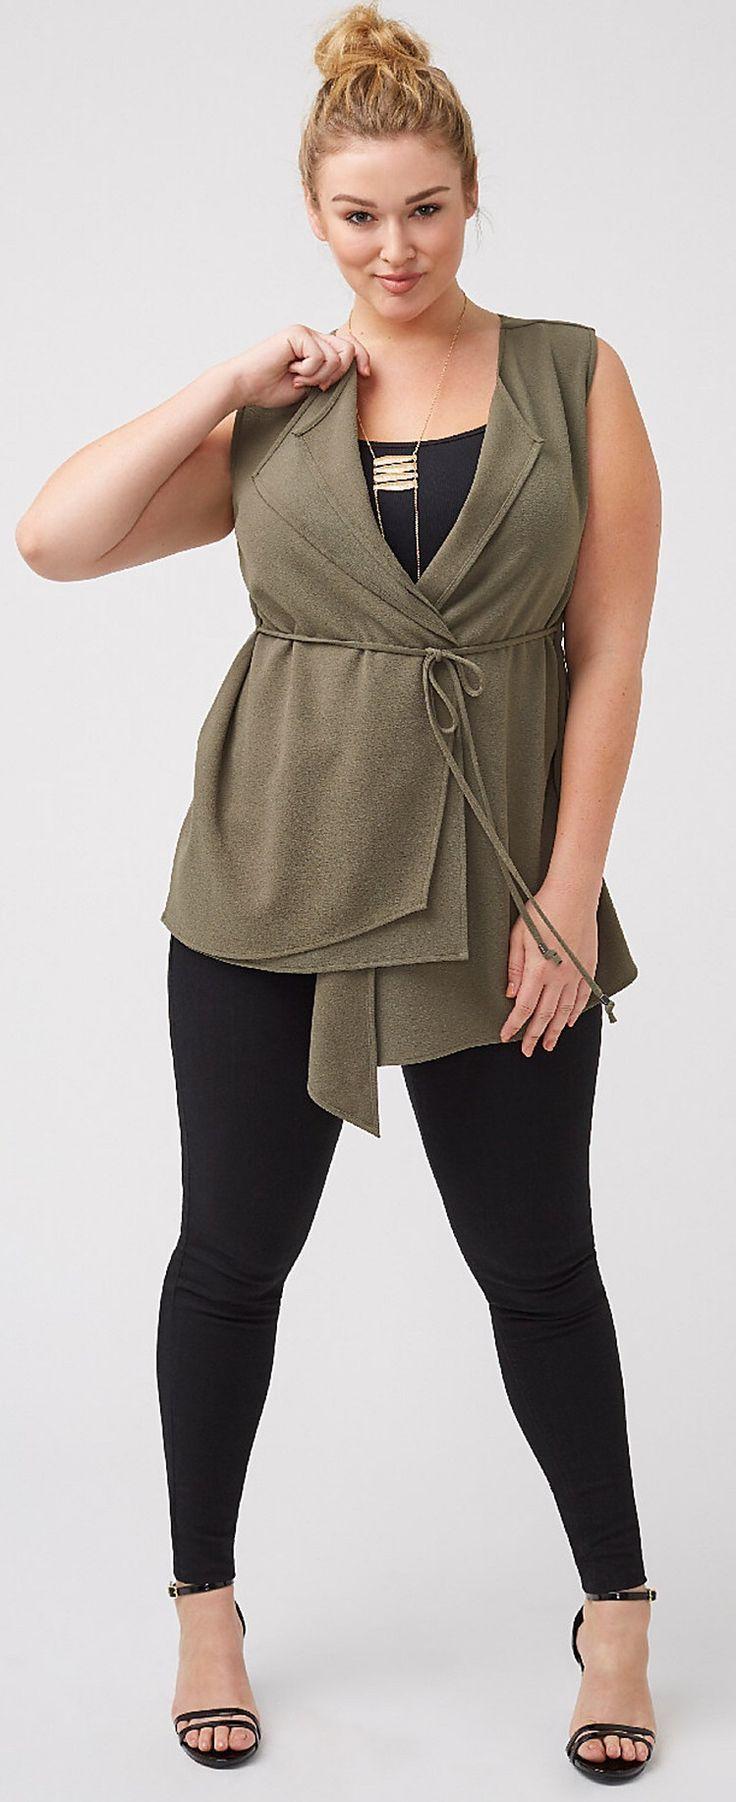 nice Lane Bryant - Lane Bryant Utility vest by http://www.polyvorebydana.us/curvy-girl-fashion/lane-bryant-lane-bryant-utility-vest-2/